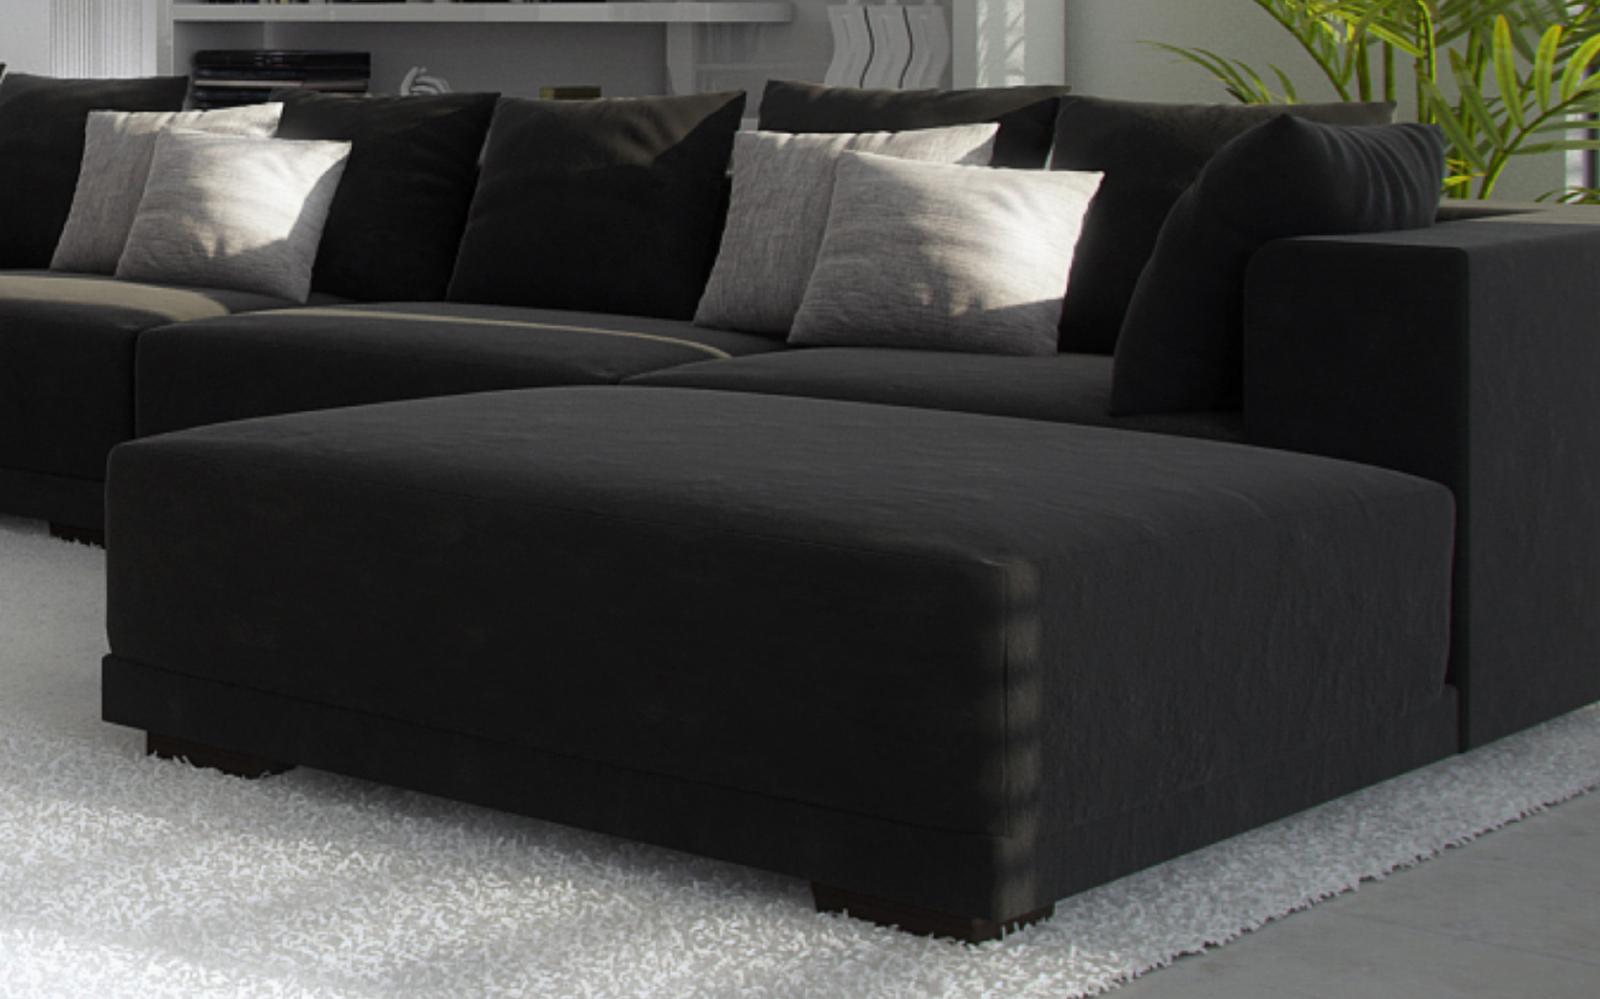 SAM® Wohnzimmer Hocker passend zur Couch Anima schwarz